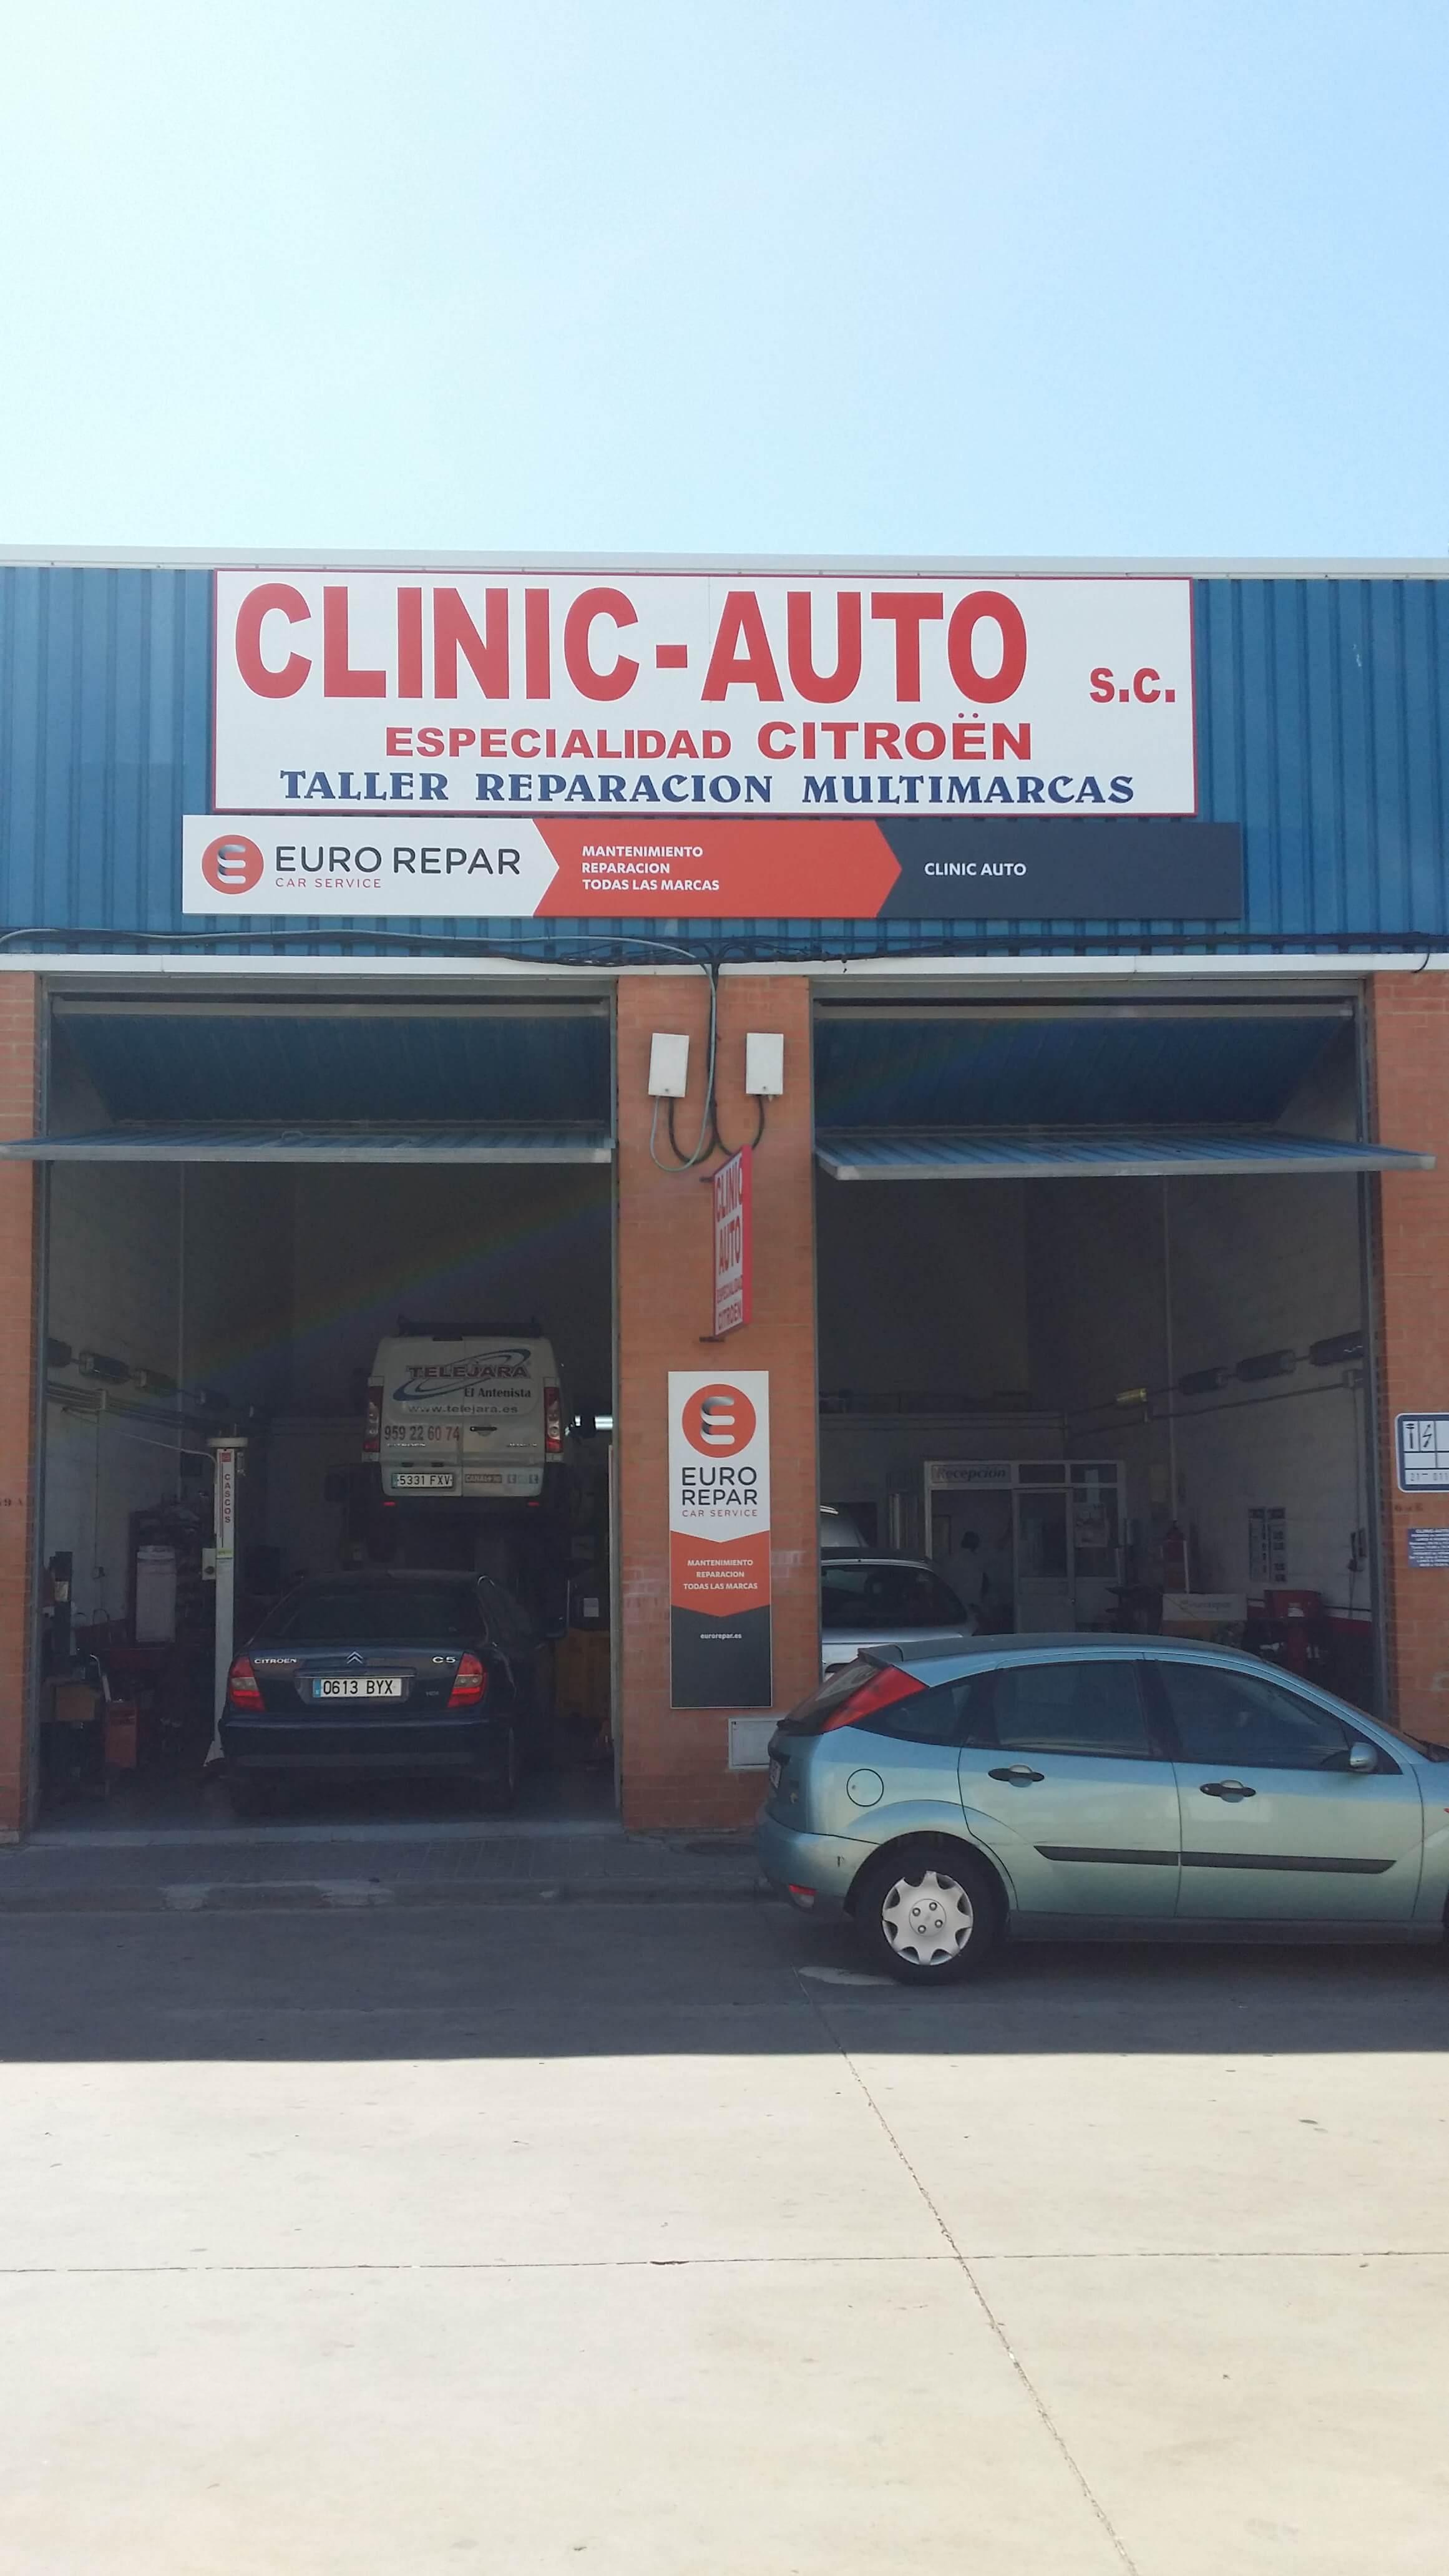 Taller CLINIC AUTO SC en Huelva